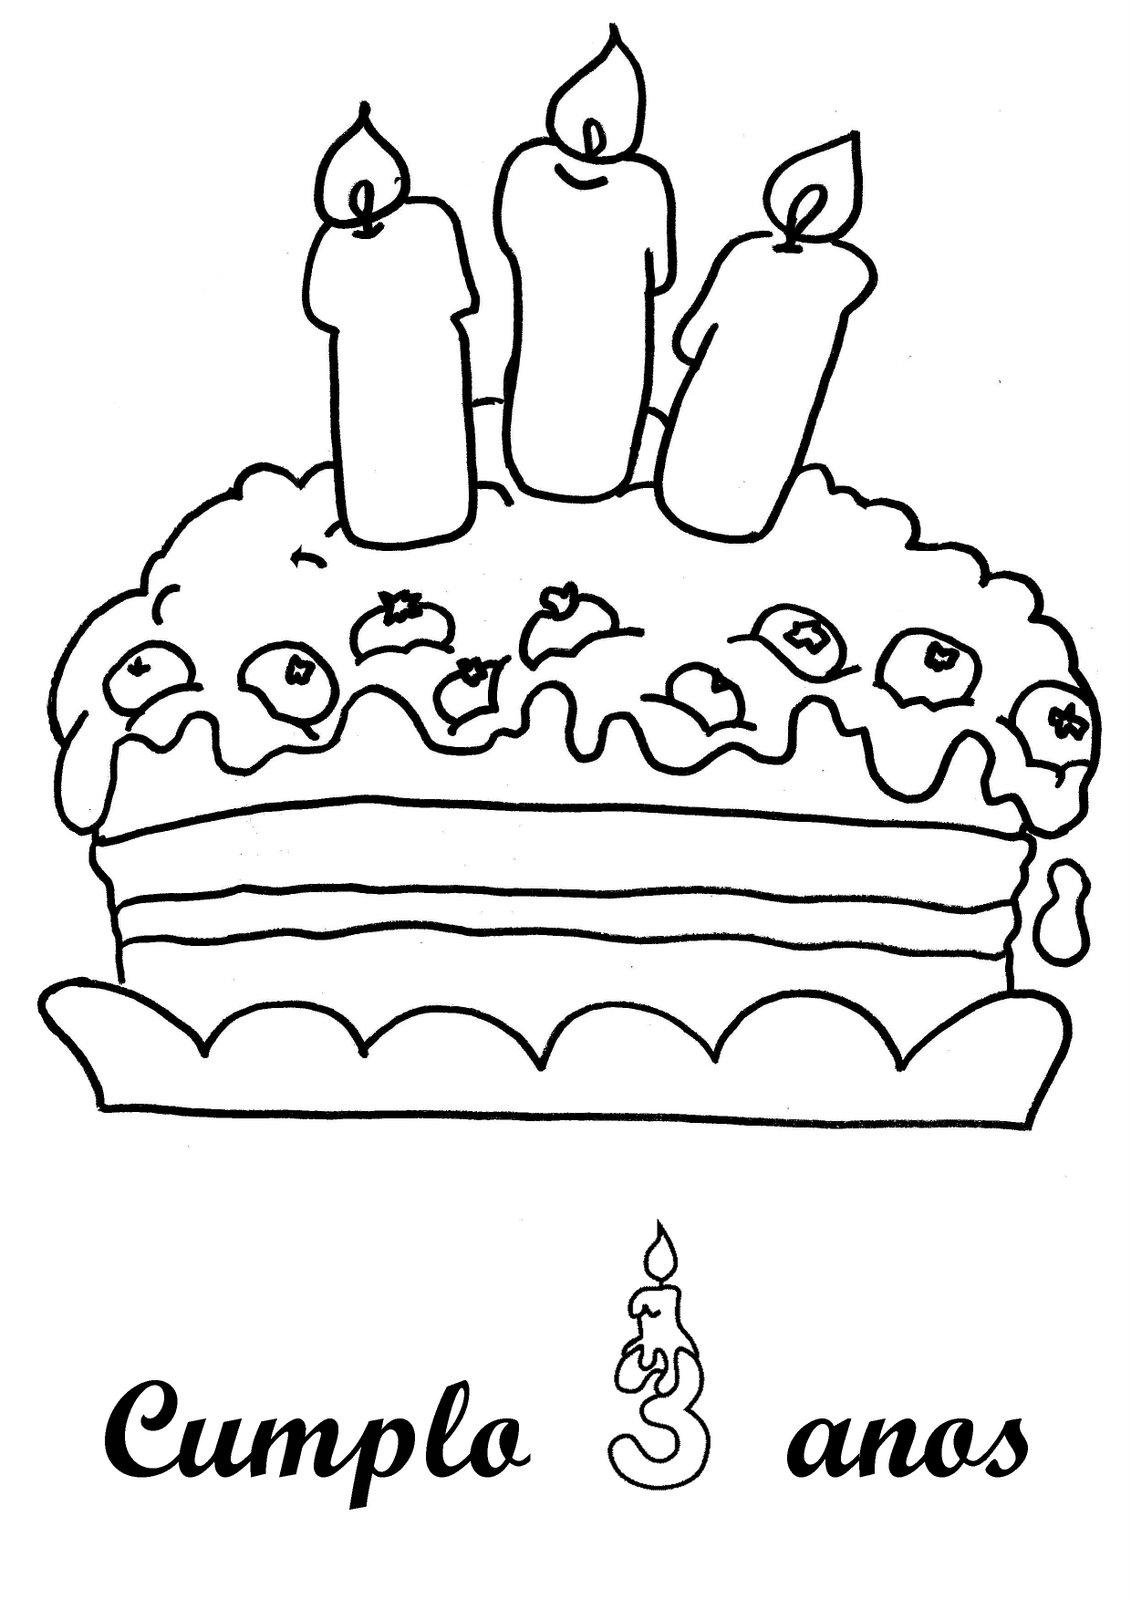 Imagenes De Cumpleaños Para Colorear